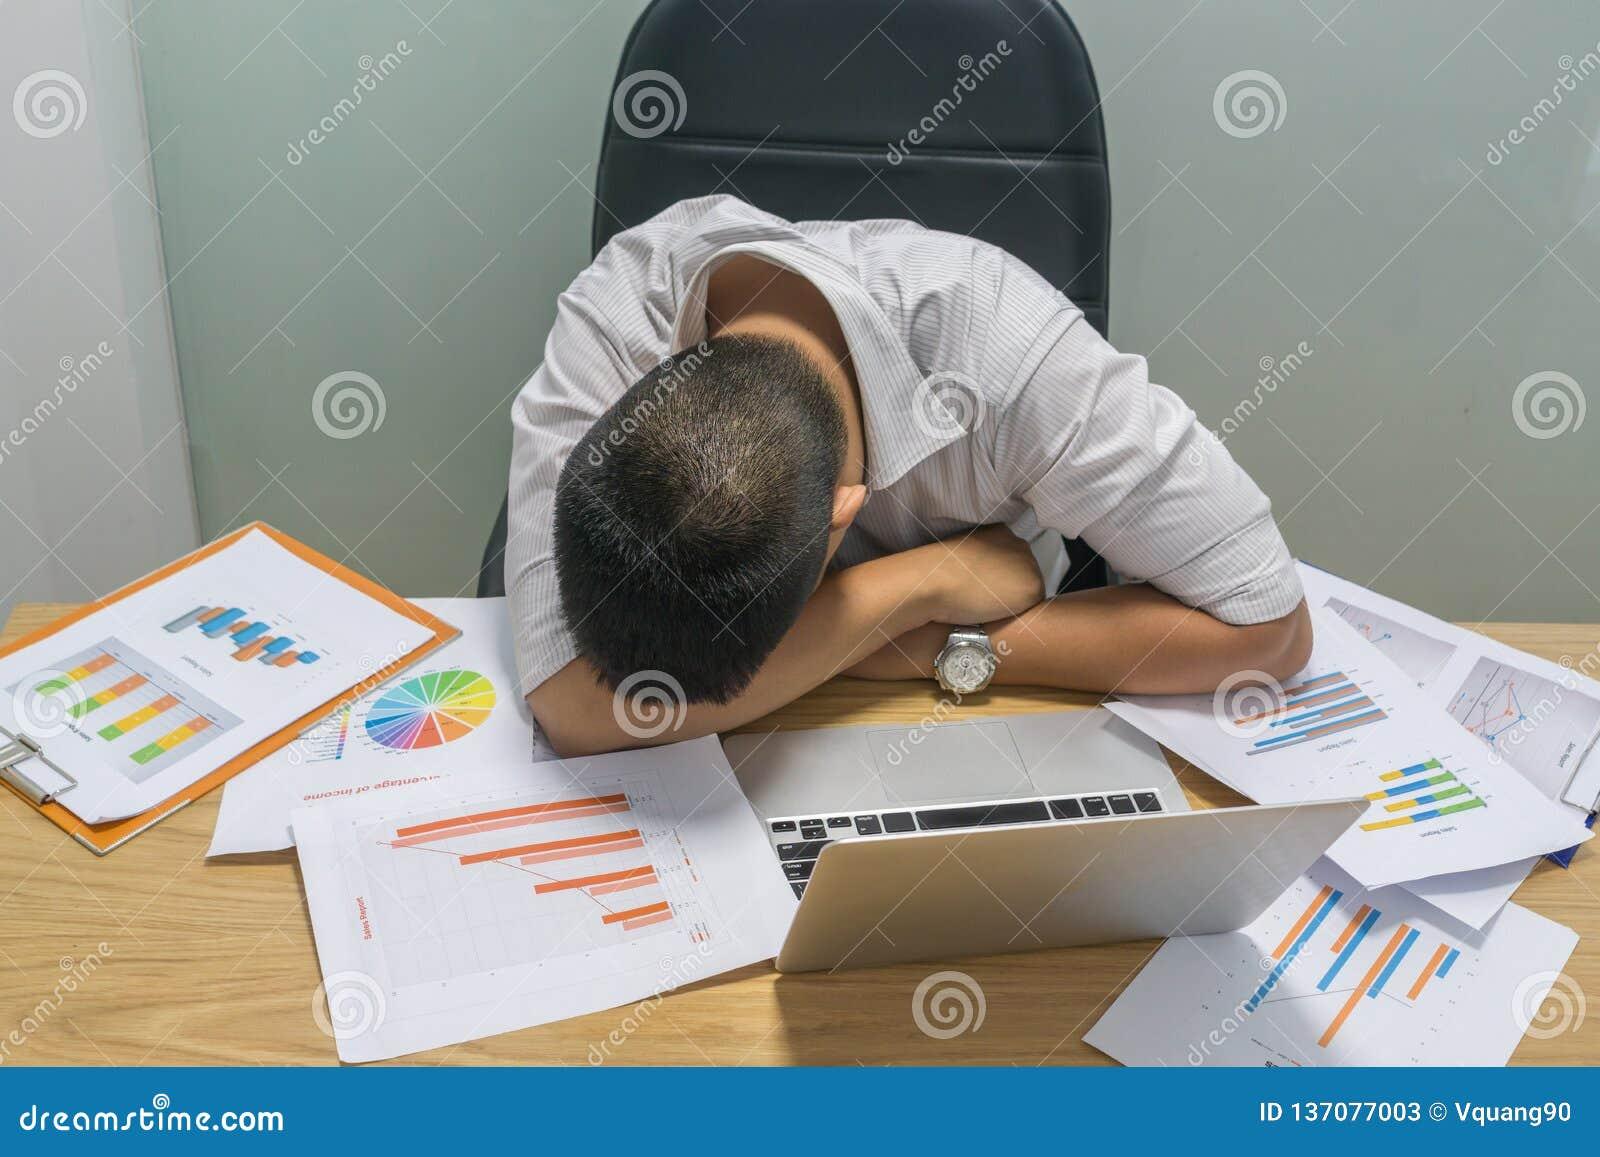 Müder Büromann, der kurzes am Arbeitsplatz ein Schläfchen hält